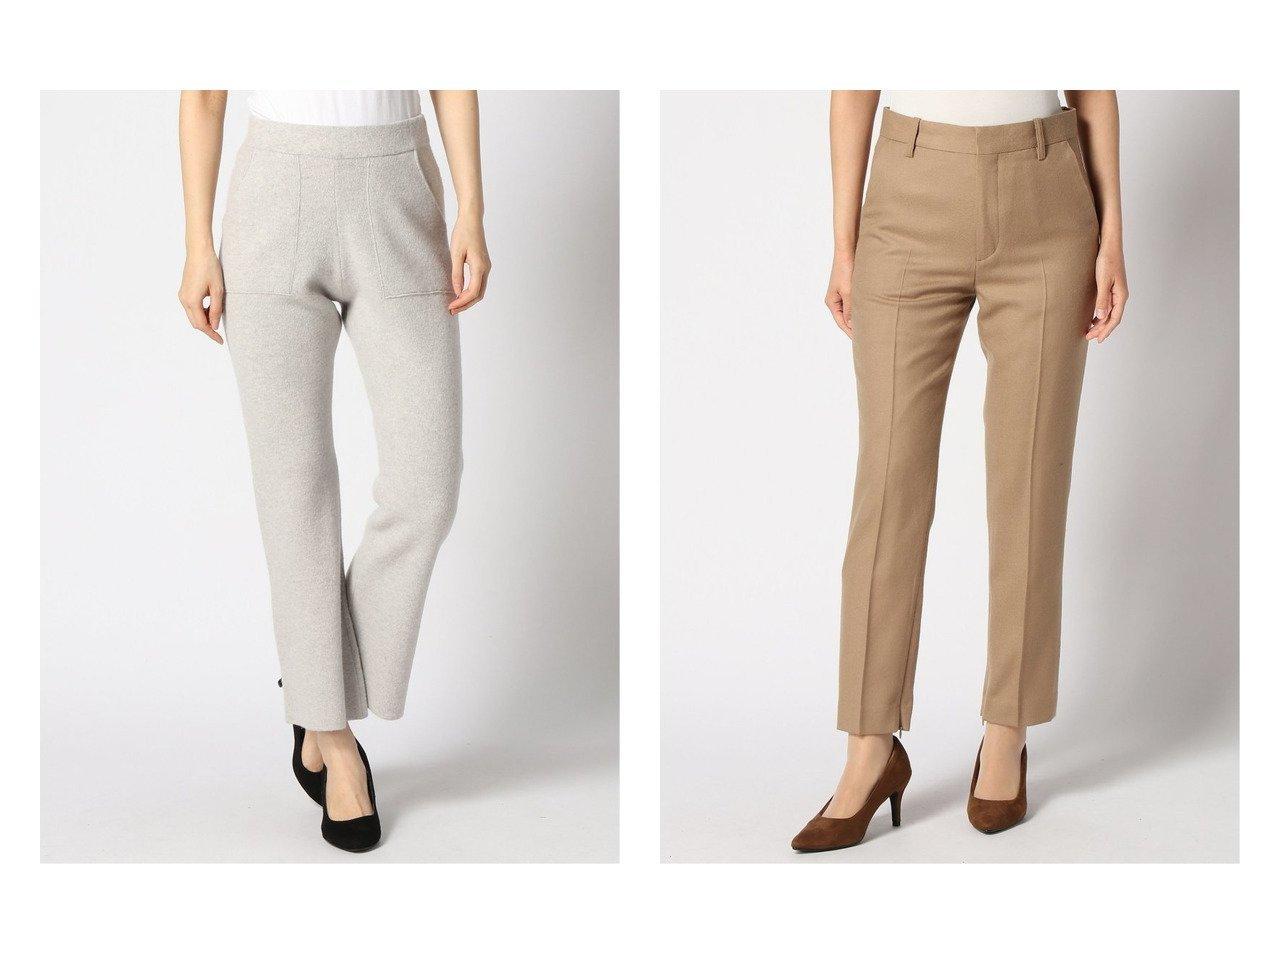 【Spick & Span/スピック&スパン】のサイドZIP SlimPT&【SLOBE IENA/スローブ イエナ】のEyreスムースニットPT パンツのおすすめ!人気、トレンド・レディースファッションの通販 おすすめで人気の流行・トレンド、ファッションの通販商品 メンズファッション・キッズファッション・インテリア・家具・レディースファッション・服の通販 founy(ファニー) https://founy.com/ ファッション Fashion レディースファッション WOMEN パンツ Pants NEW・新作・新着・新入荷 New Arrivals 2020年 2020 2020-2021 秋冬 A/W AW Autumn/Winter / FW Fall-Winter 2020-2021 A/W 秋冬 AW Autumn/Winter / FW Fall-Winter イタリア ジーンズ リラックス 防寒 センター チェック フレア  ID:crp329100000010696